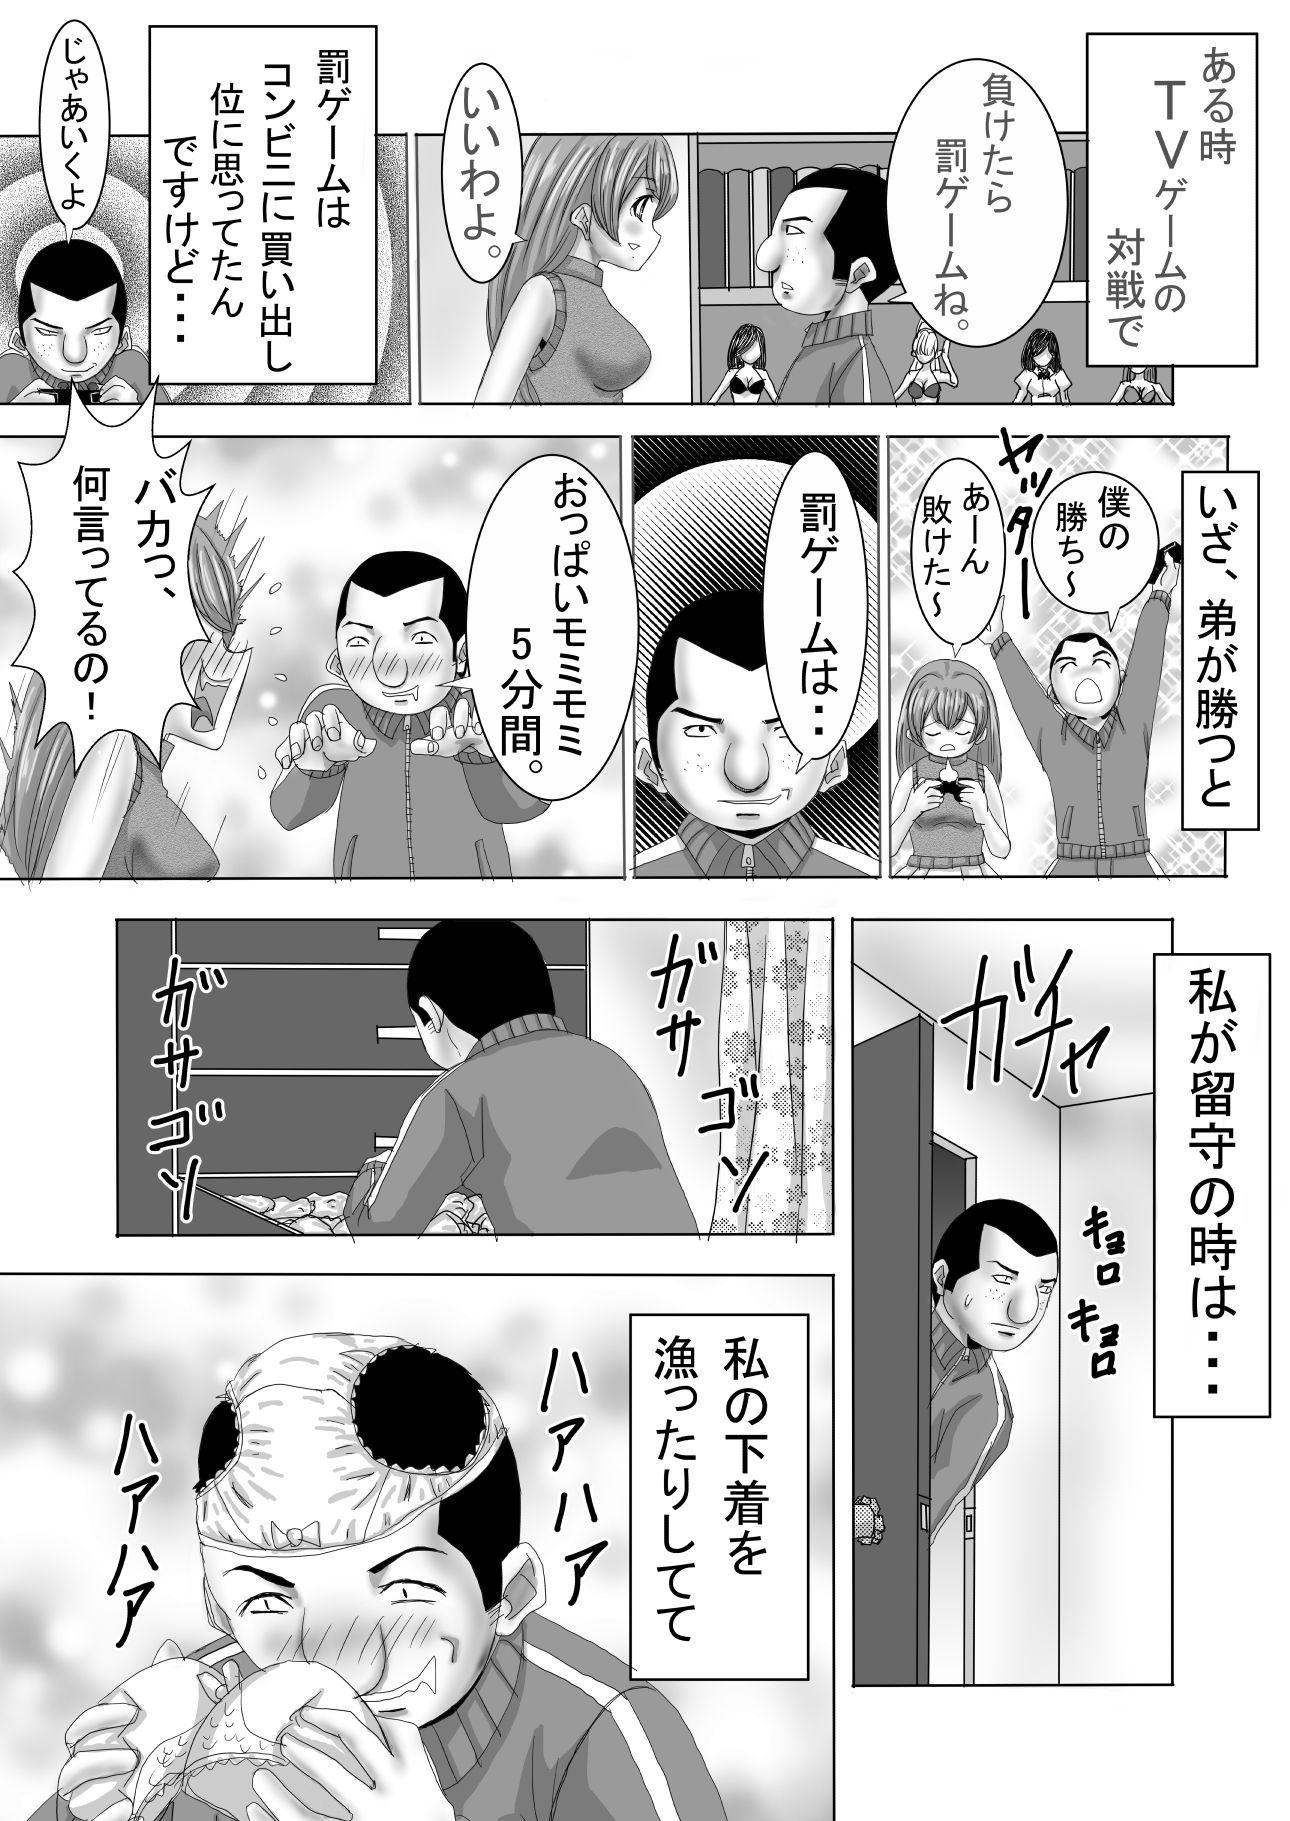 同人ガール:[同人]「弟に犯された現役女子○生グラビアアイドル 第1話」(曽田  成馬)